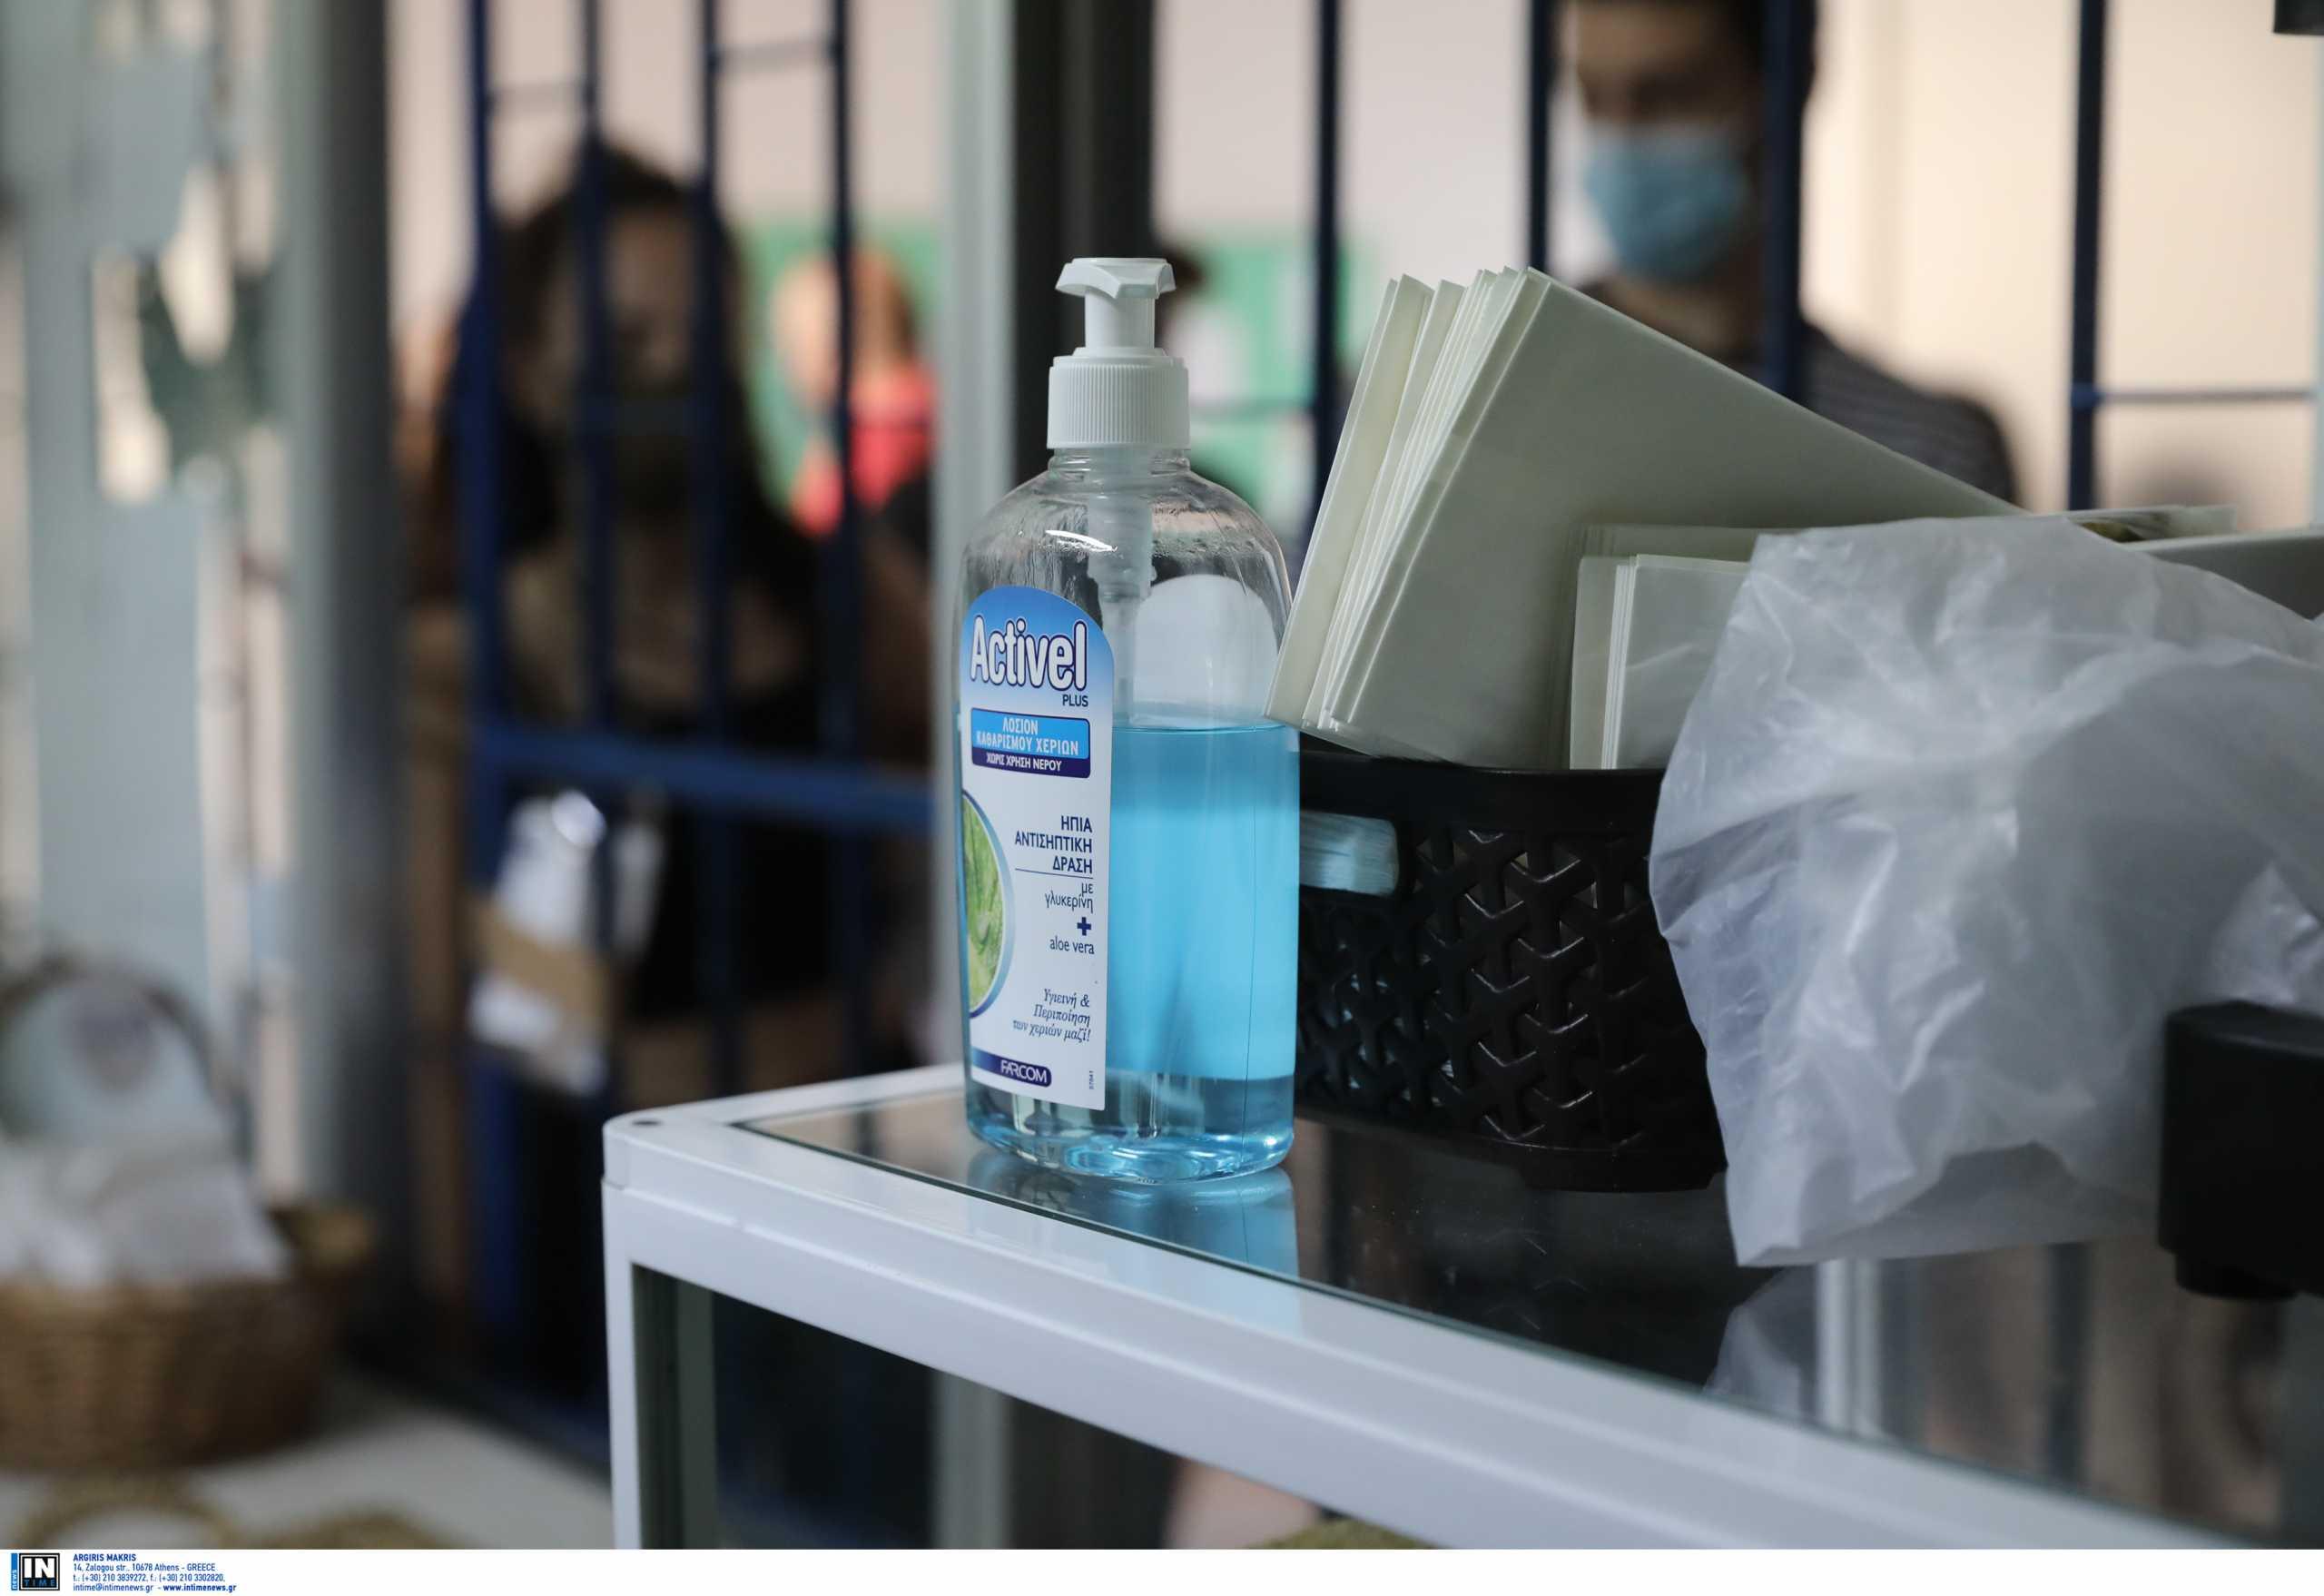 Ηράκλειο Κρήτης: Εξώδικα σε διευθυντές σχολείων από γονείς αρνητές των self test